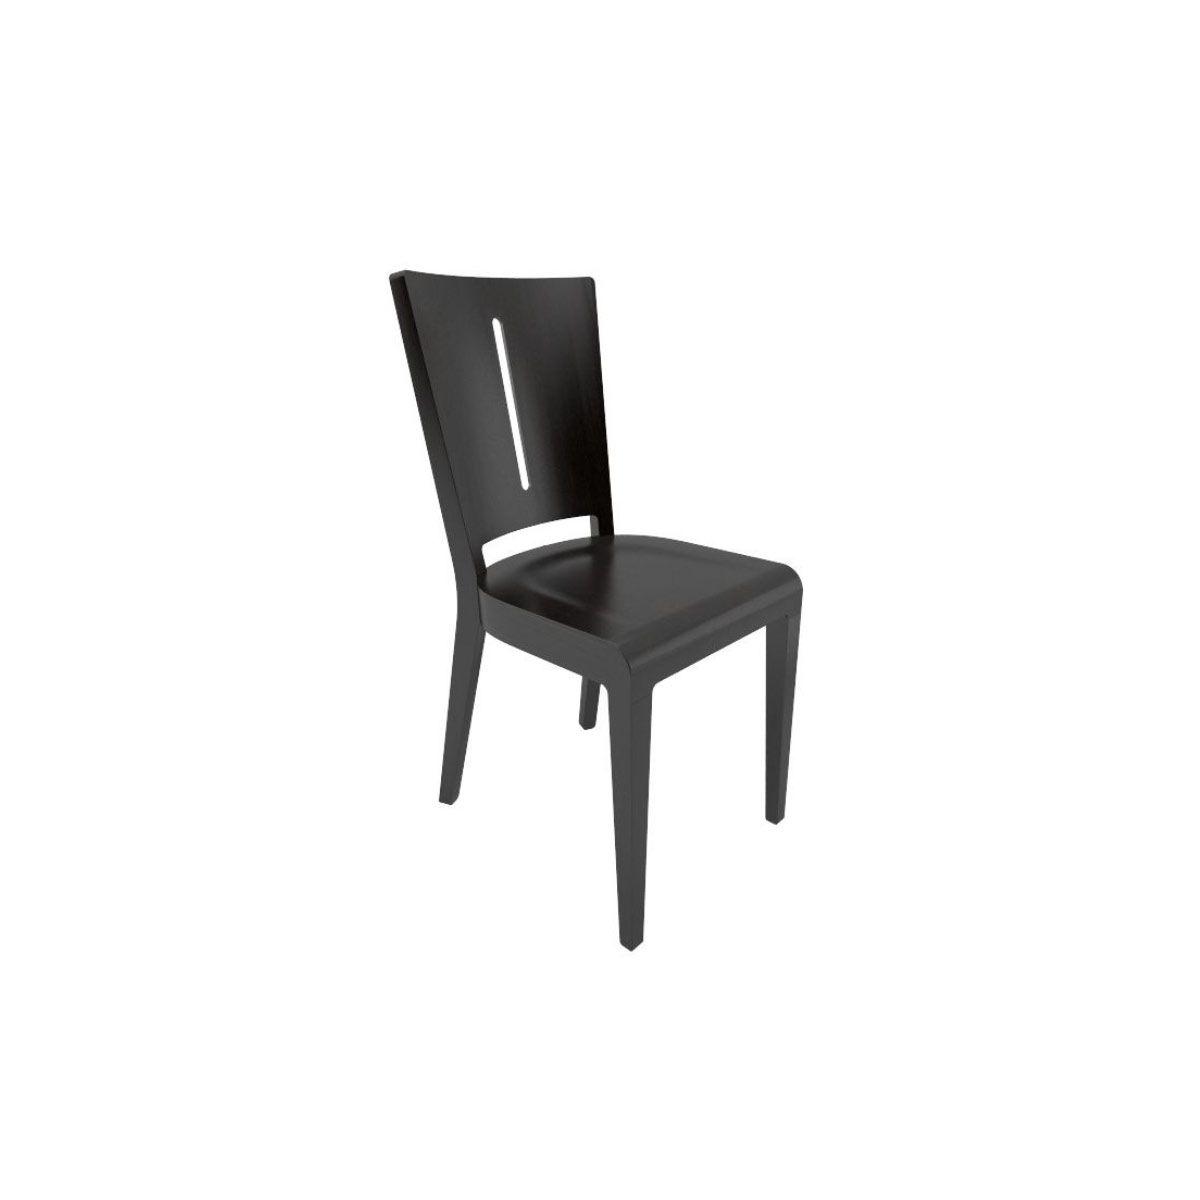 la chaise de bistrot deco maison design. Black Bedroom Furniture Sets. Home Design Ideas